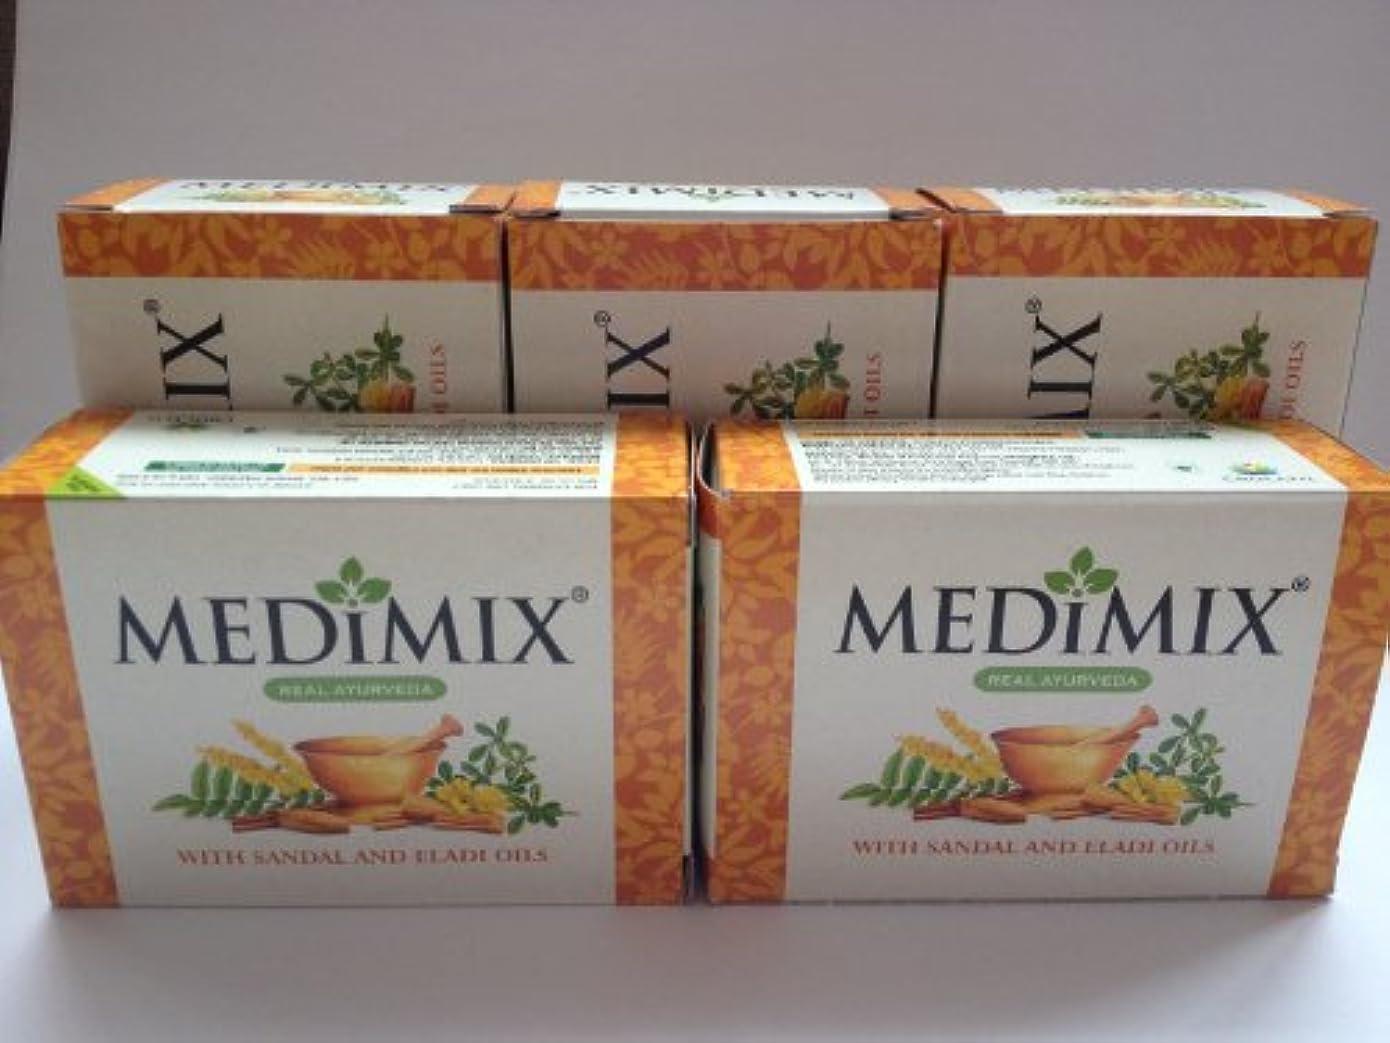 囲まれた不忠西美白 シミ ニキビ 対策!MEDIMIX ソープ メディミックス アーユルヴェーダ石鹸、サンダルウッド 【5個セット】並行輸入品